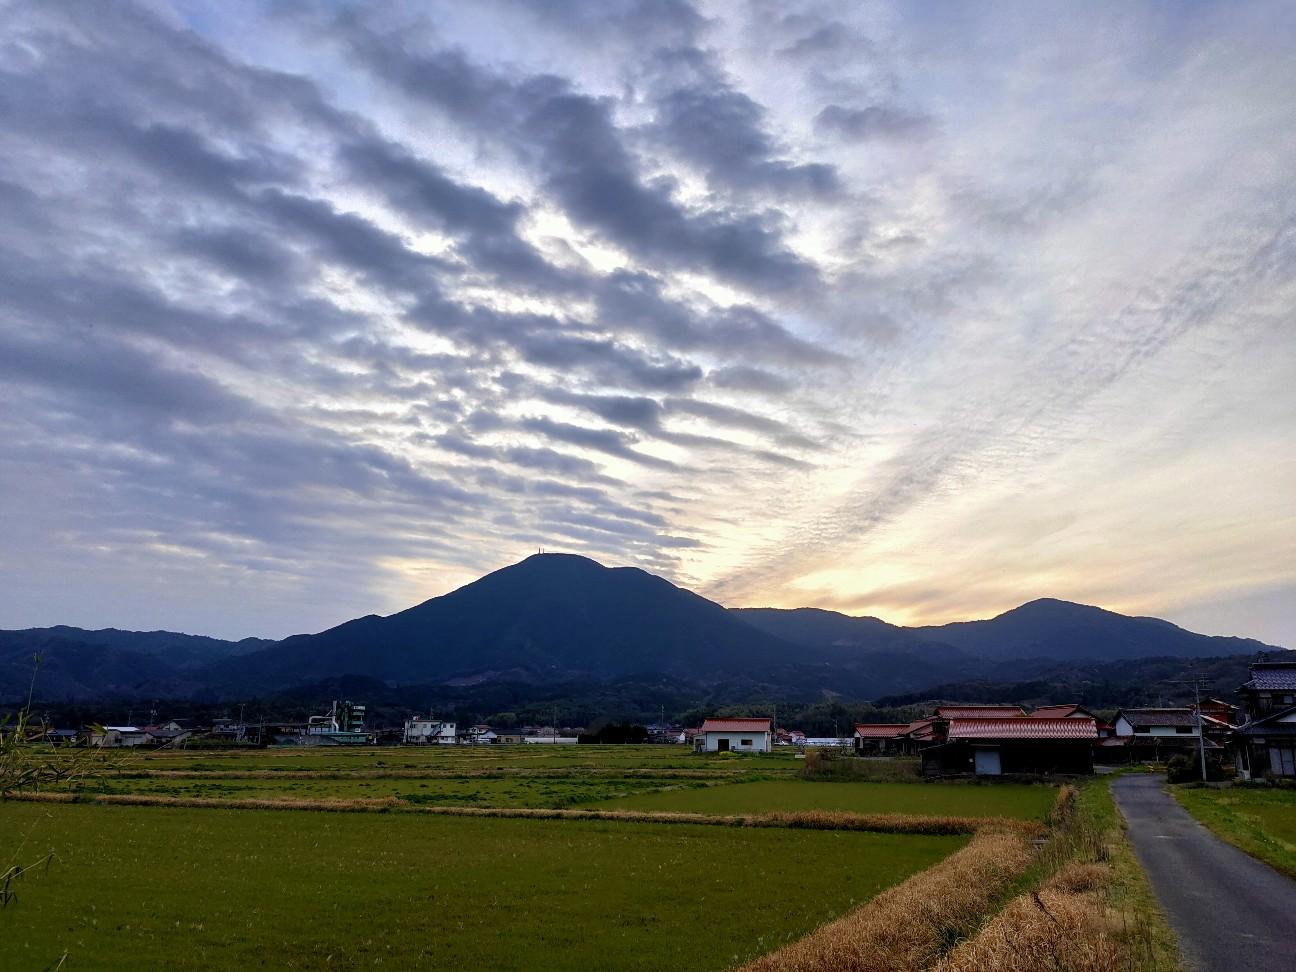 f:id:shingo_shiraishi:20200330211453j:image